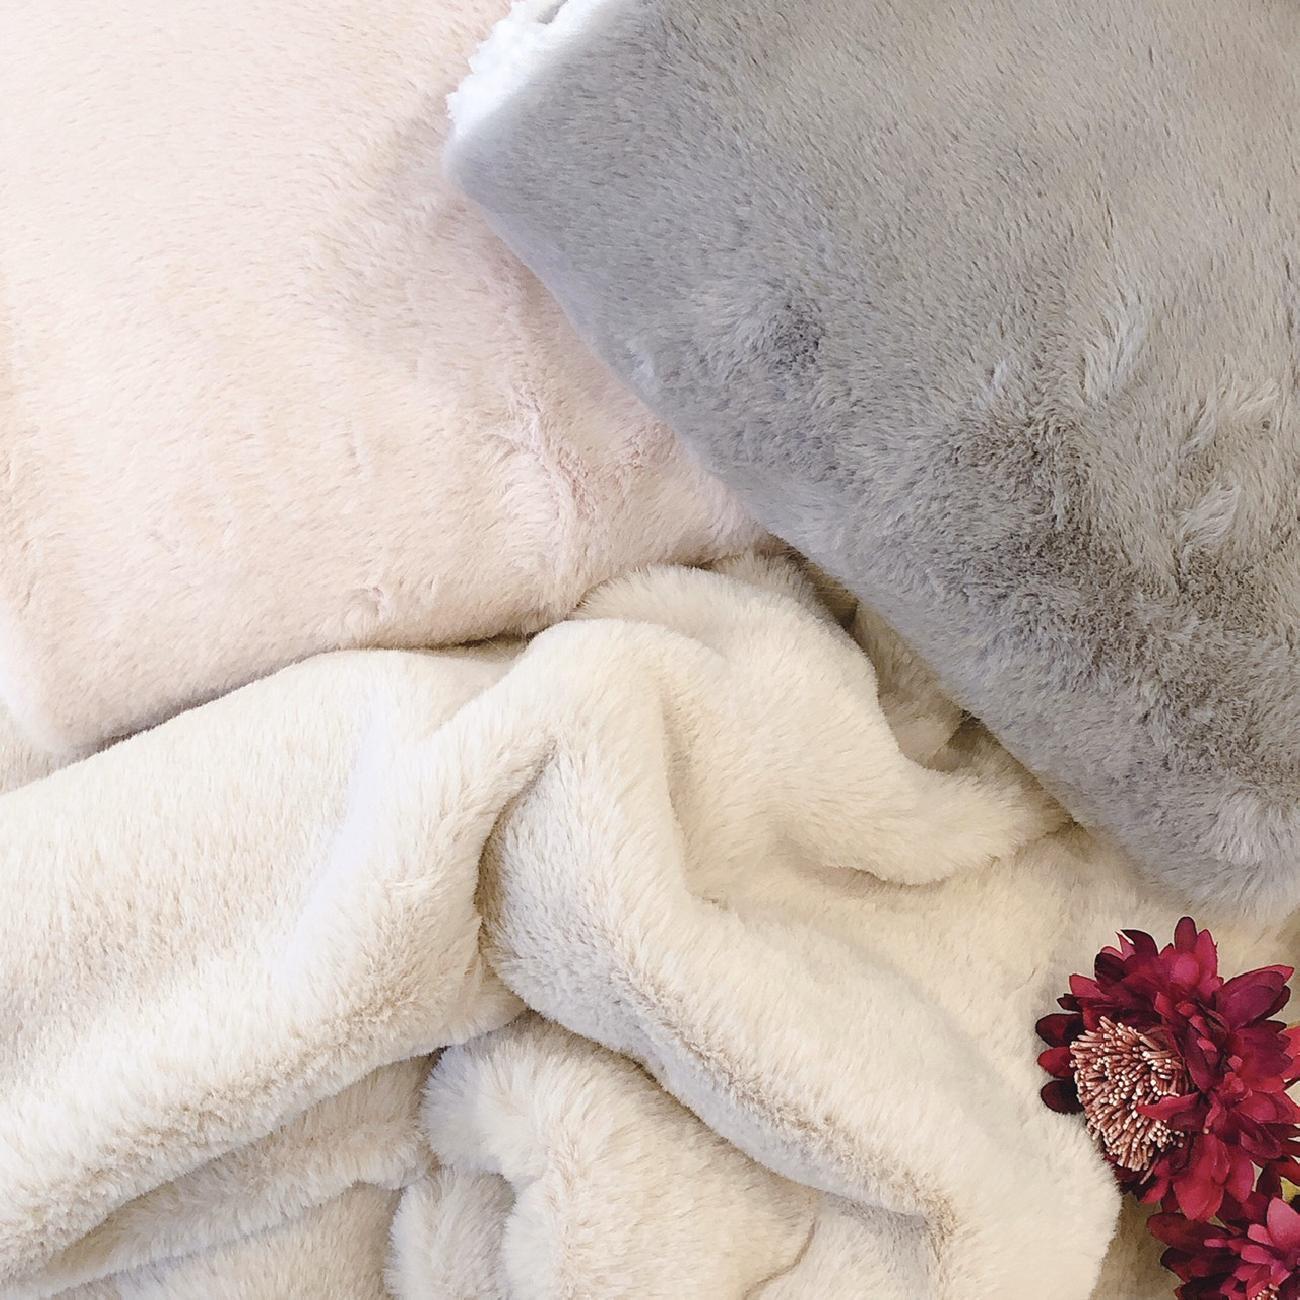 冬/部屋着/ルームウェア/あったかアイテム/もこもこソックス/おやすみマフラー